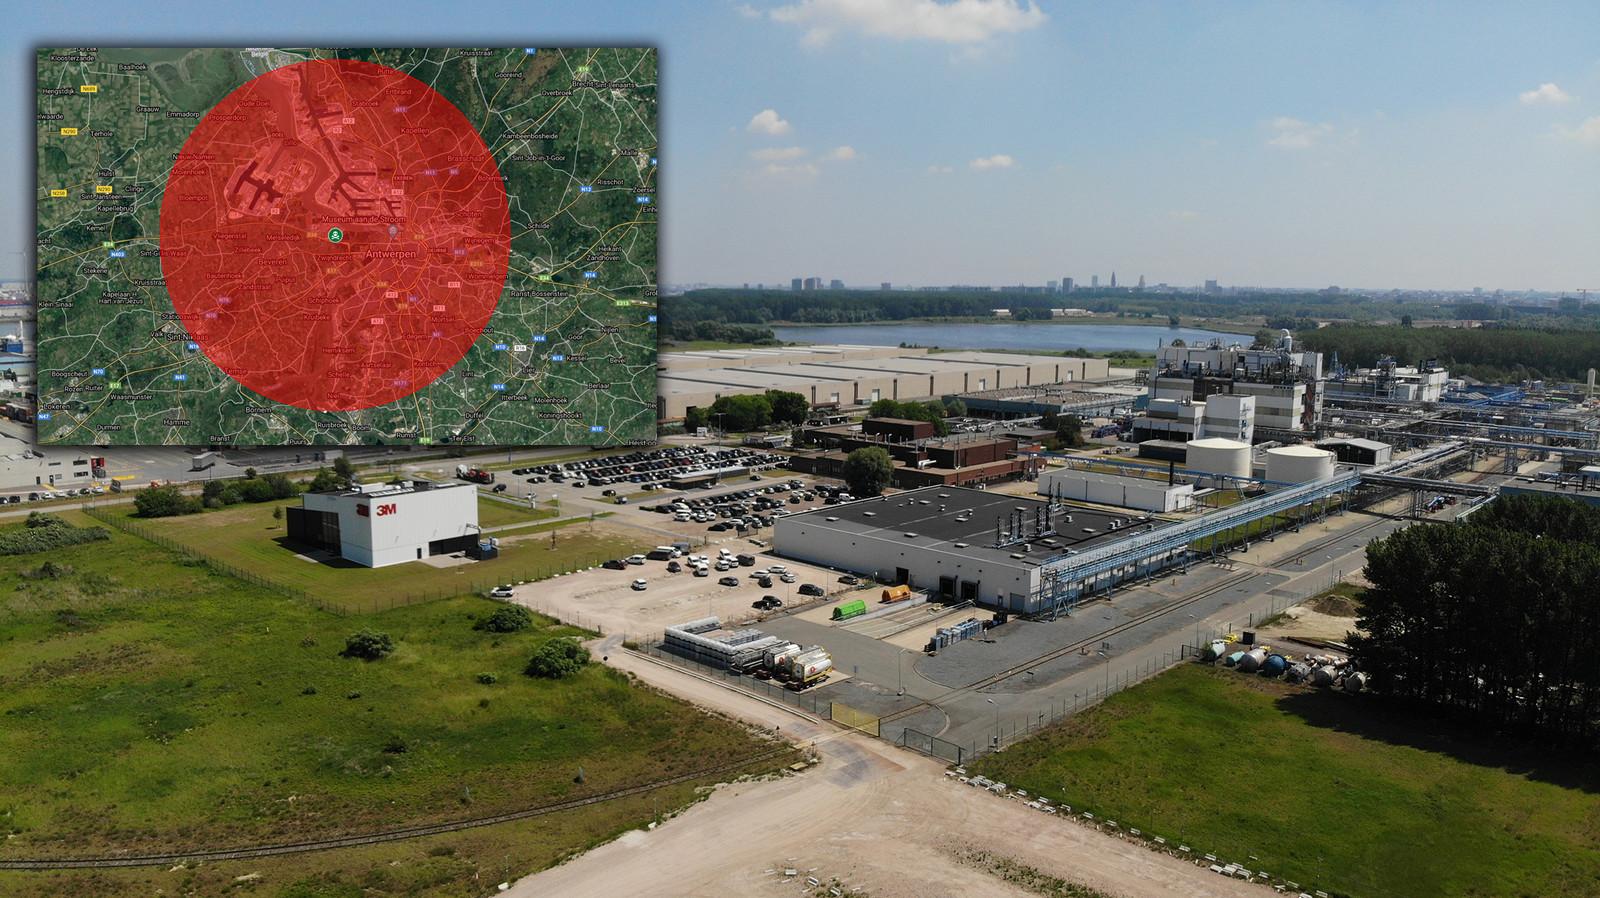 De 3M-site in Zwijndrecht. Linksboven de perimeter rond de fabriek, waar ook de hele stad Antwerpen in valt.